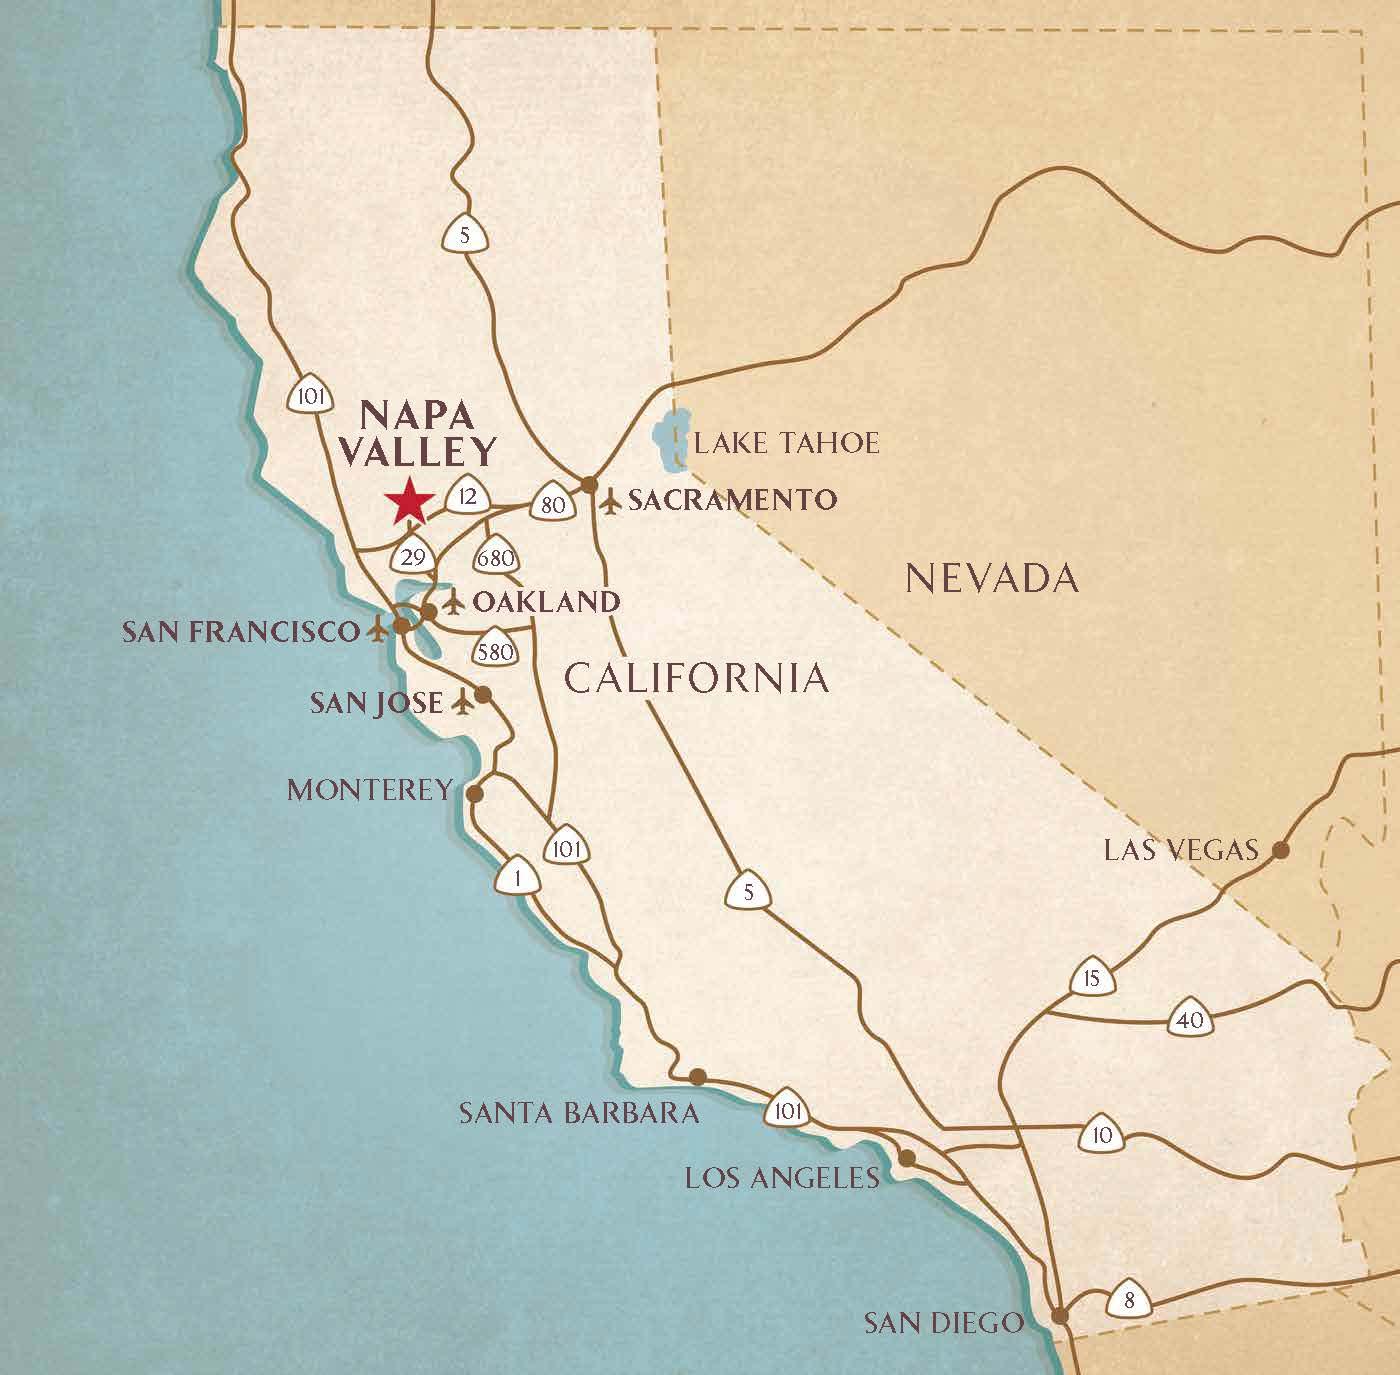 Airports Near Napa Valley | Transportation & Flight Information